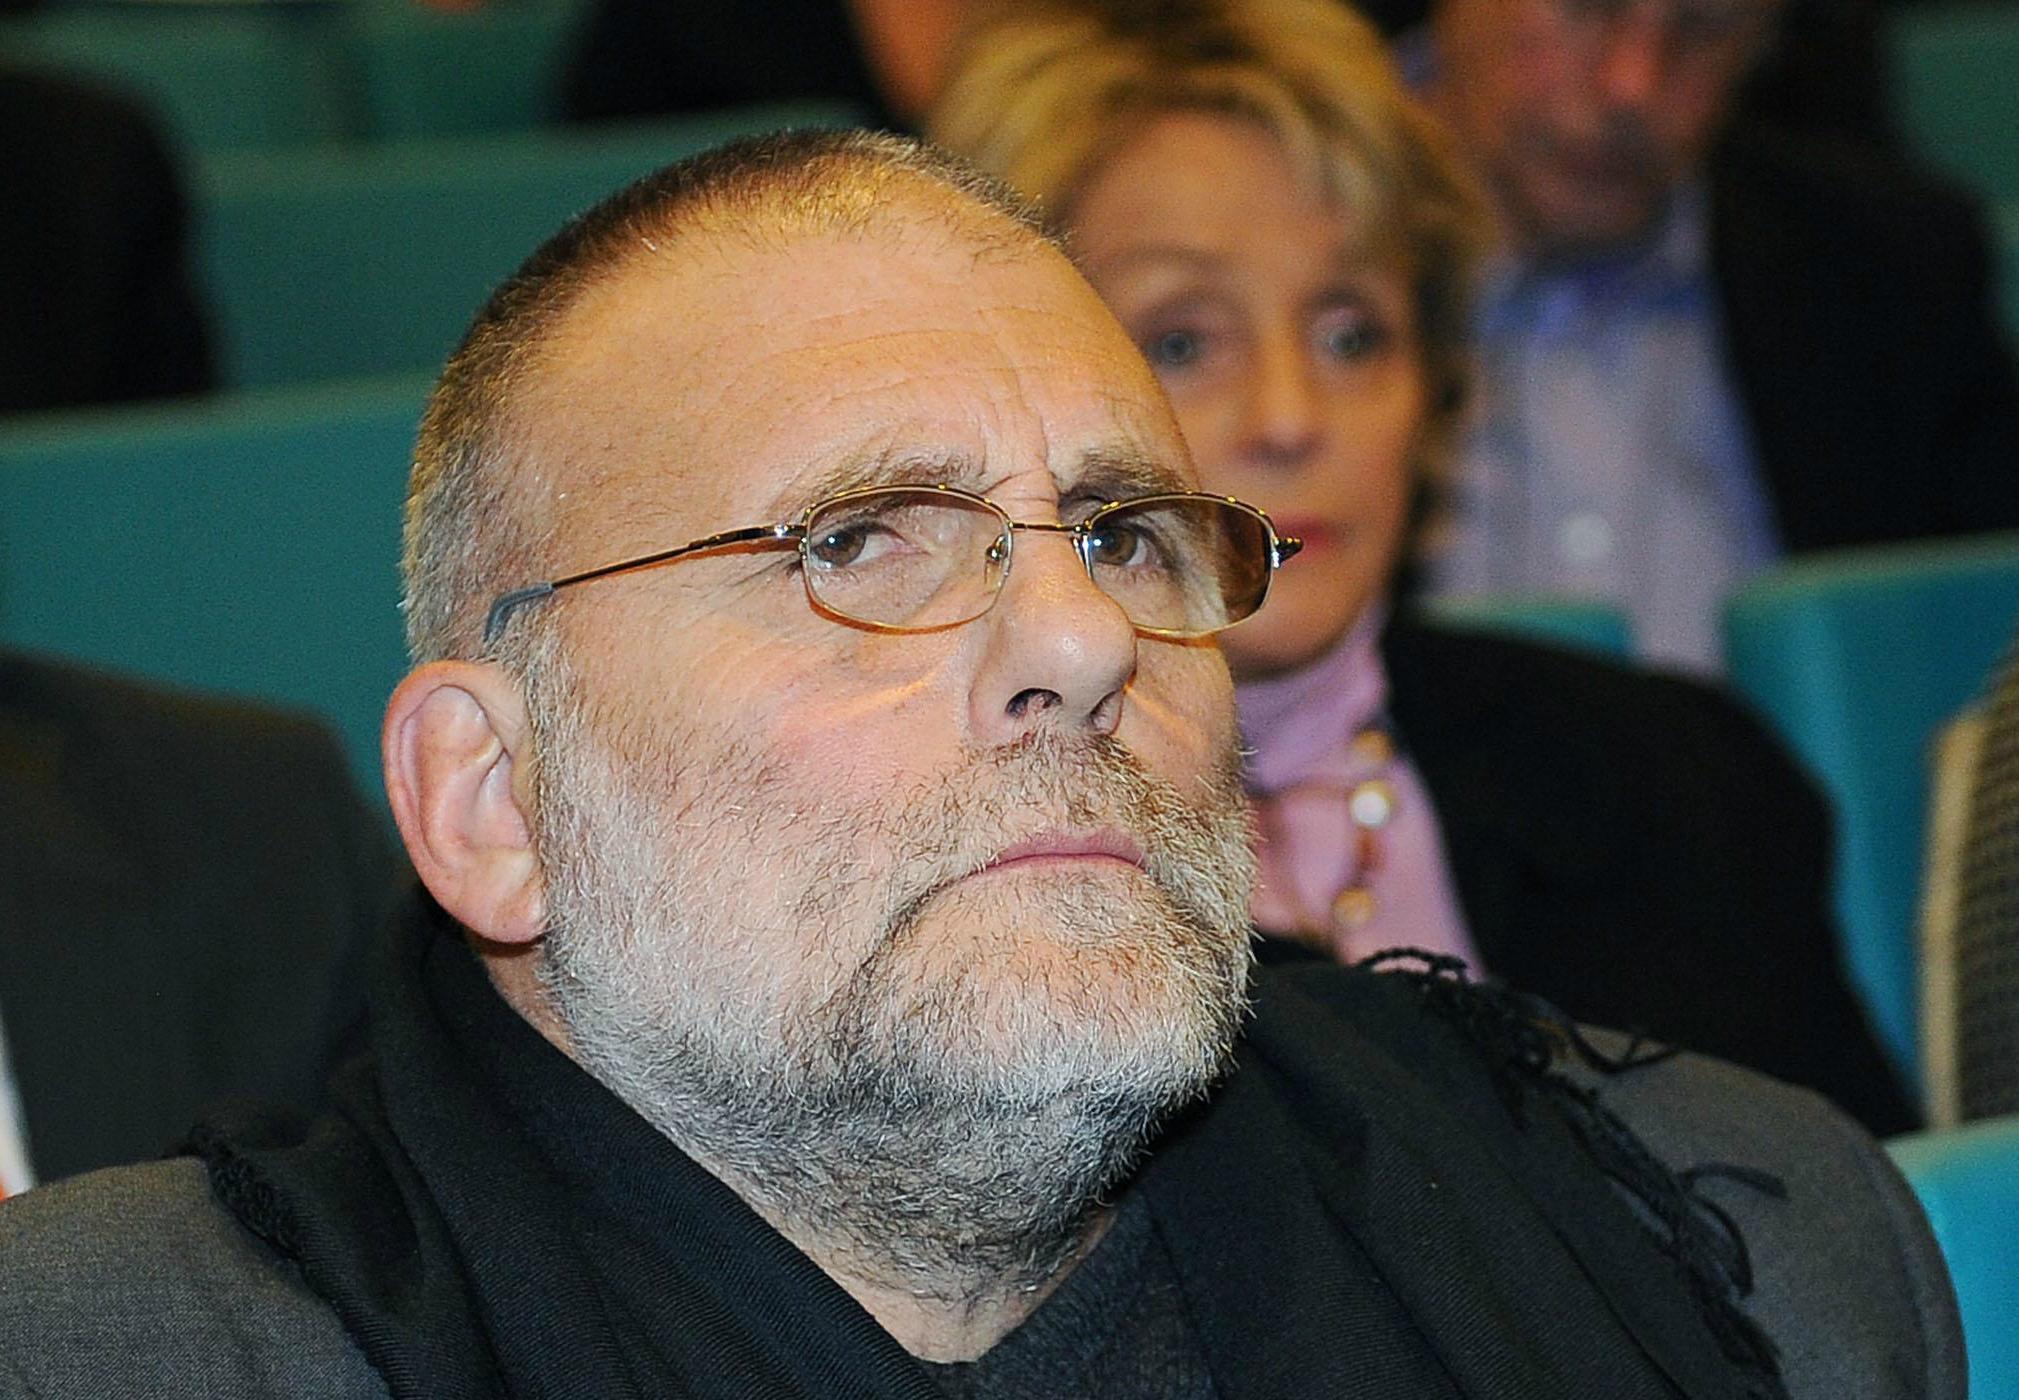 Padre Paolo Dall'Oglio SJ (13 December 2012)